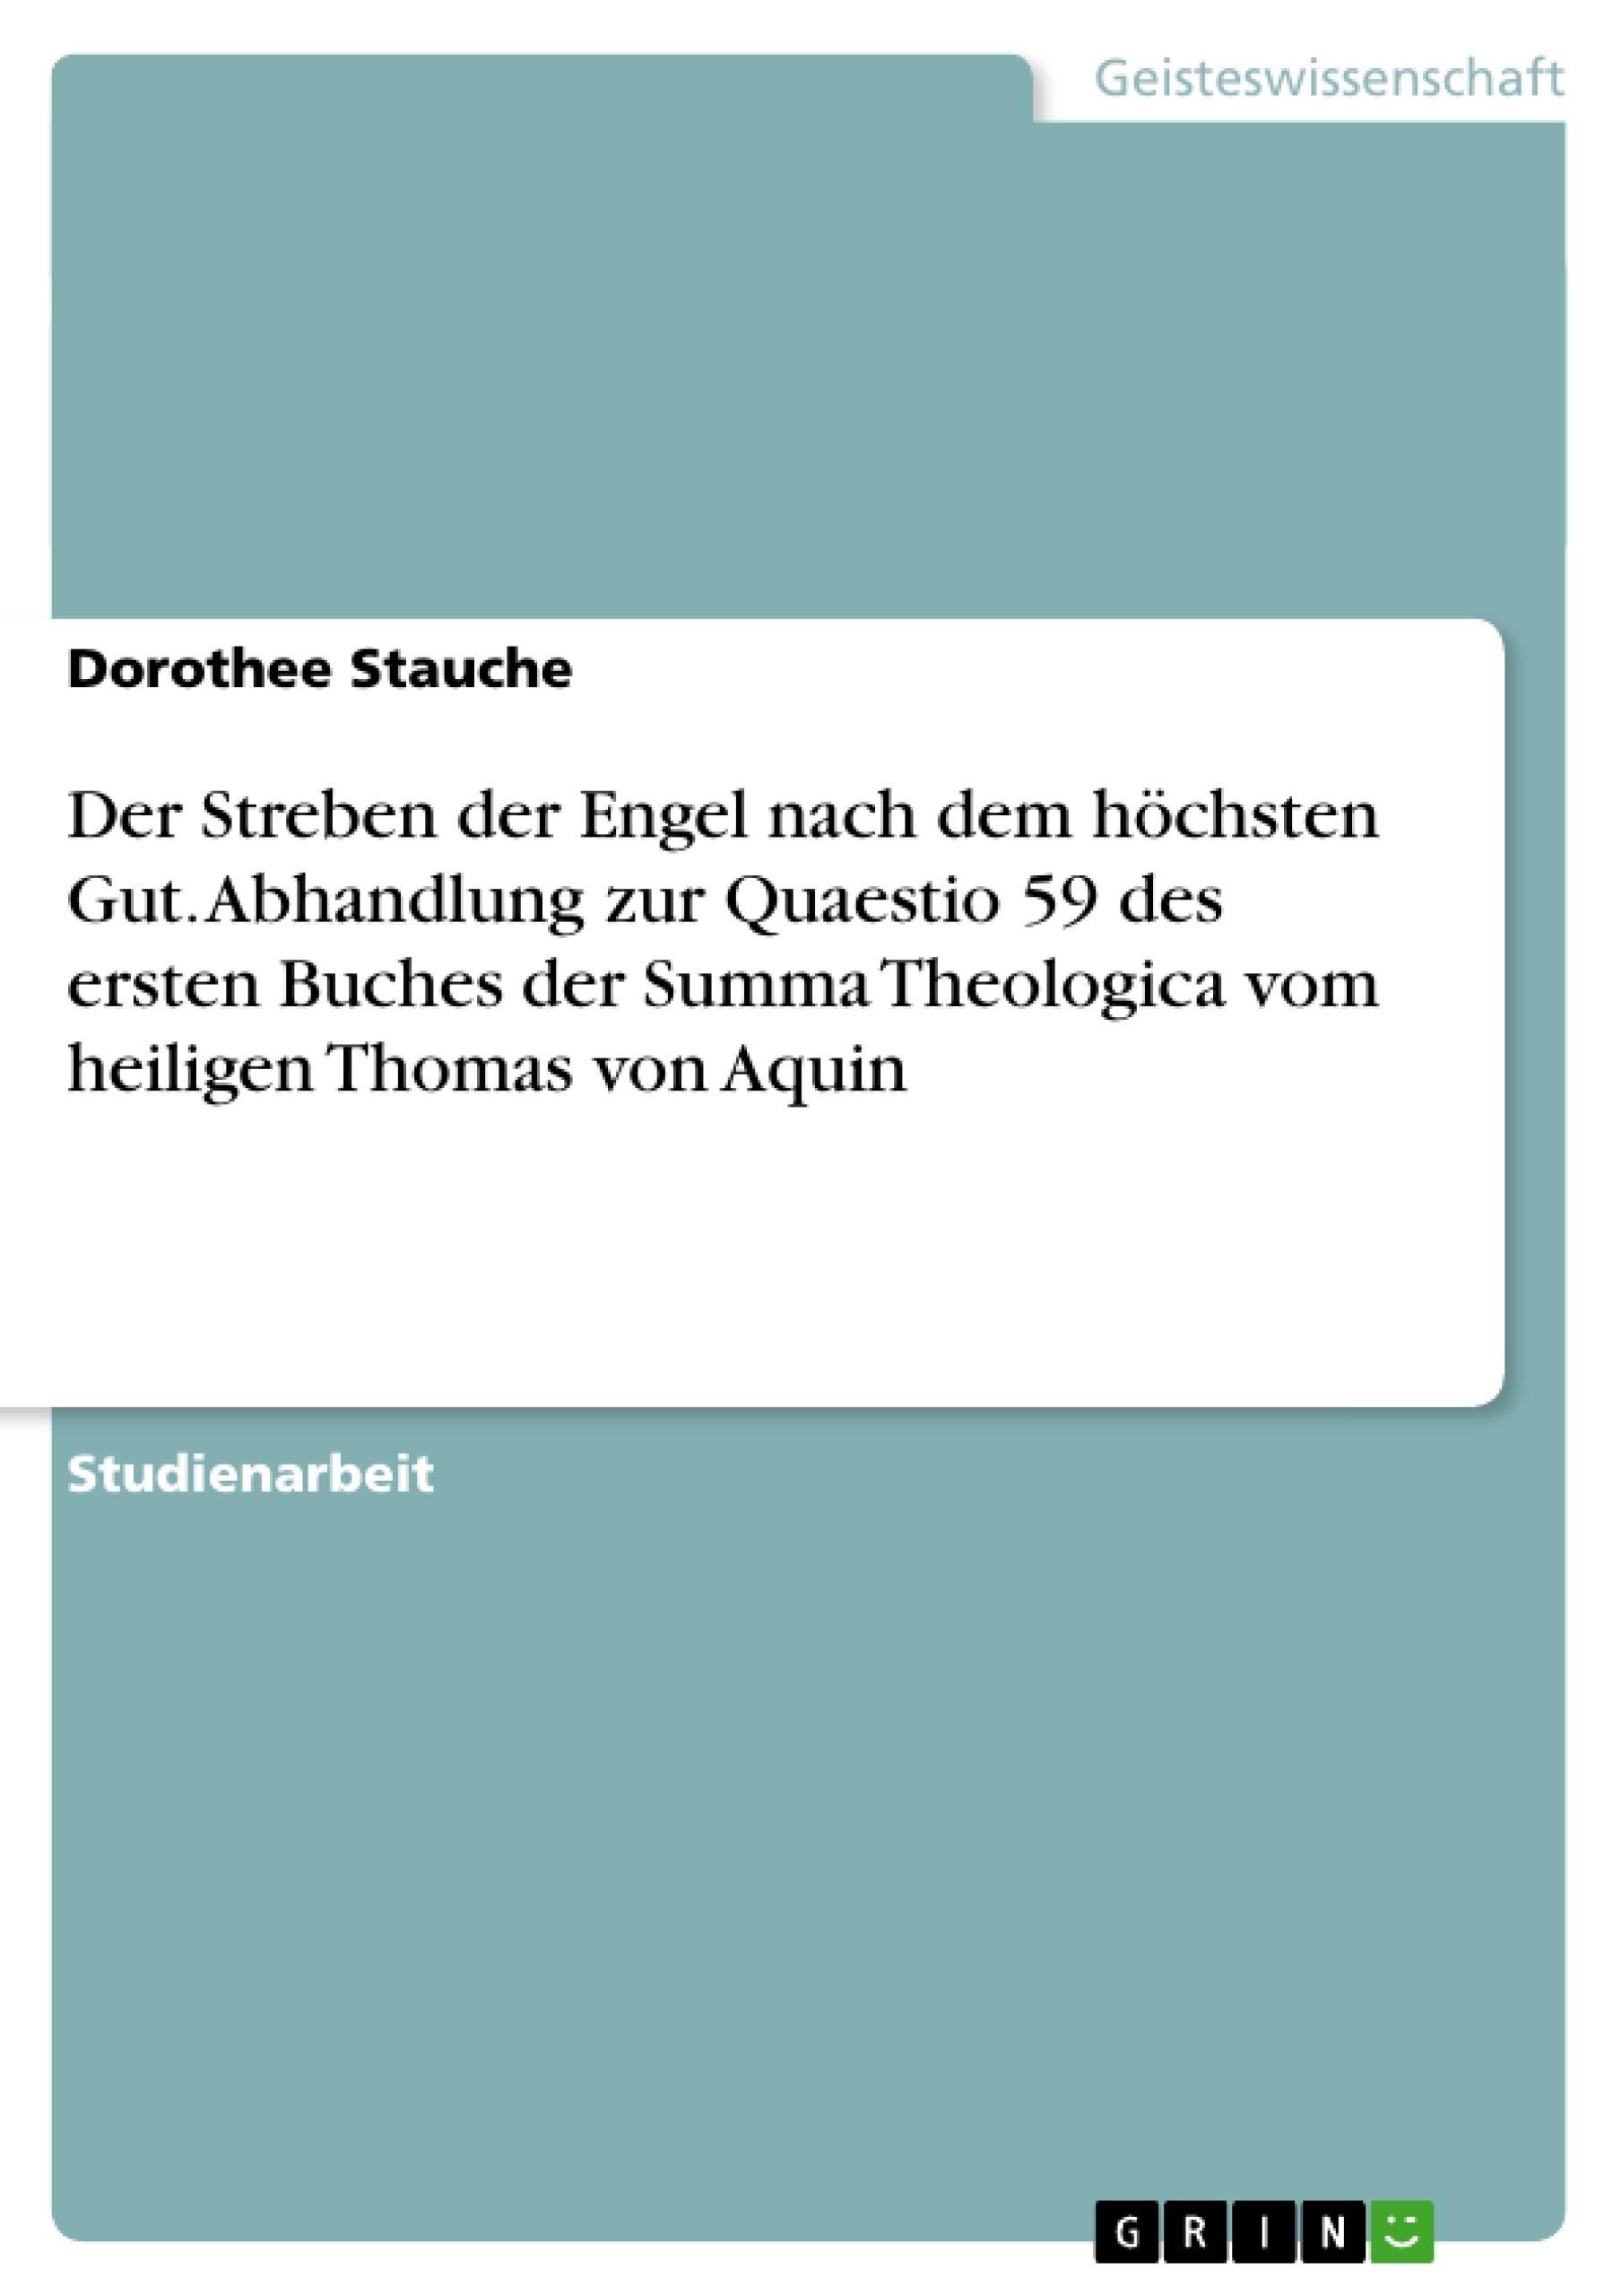 Titel: Der Streben der Engel nach dem höchsten Gut. Abhandlung zur Quaestio 59 des ersten Buches der Summa Theologica vom heiligen Thomas von Aquin